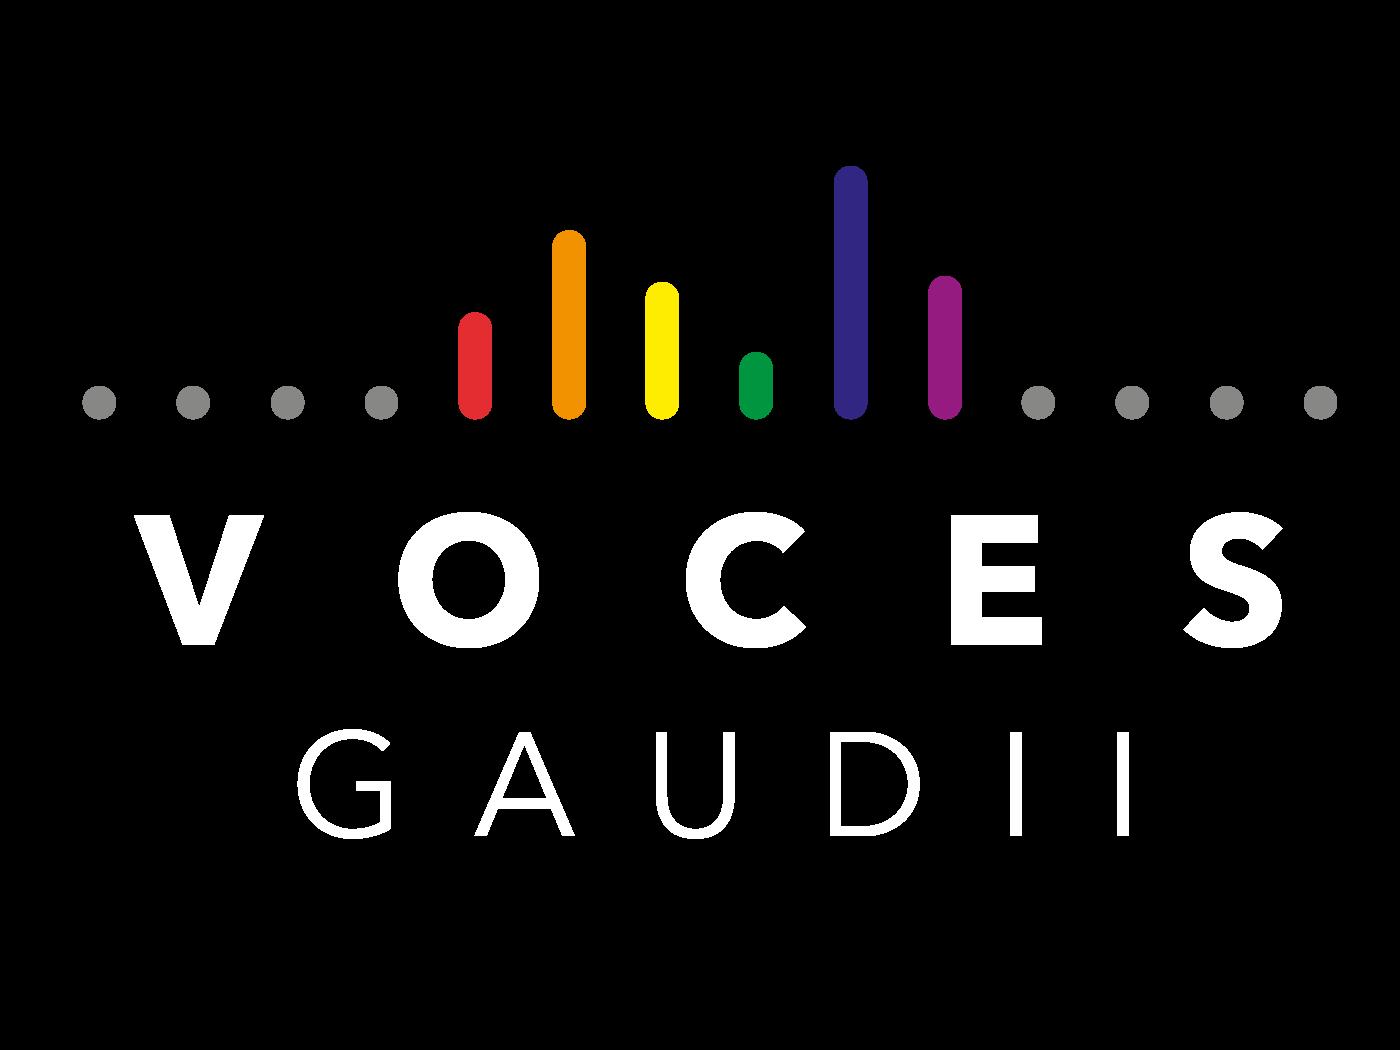 Voces Gaudii